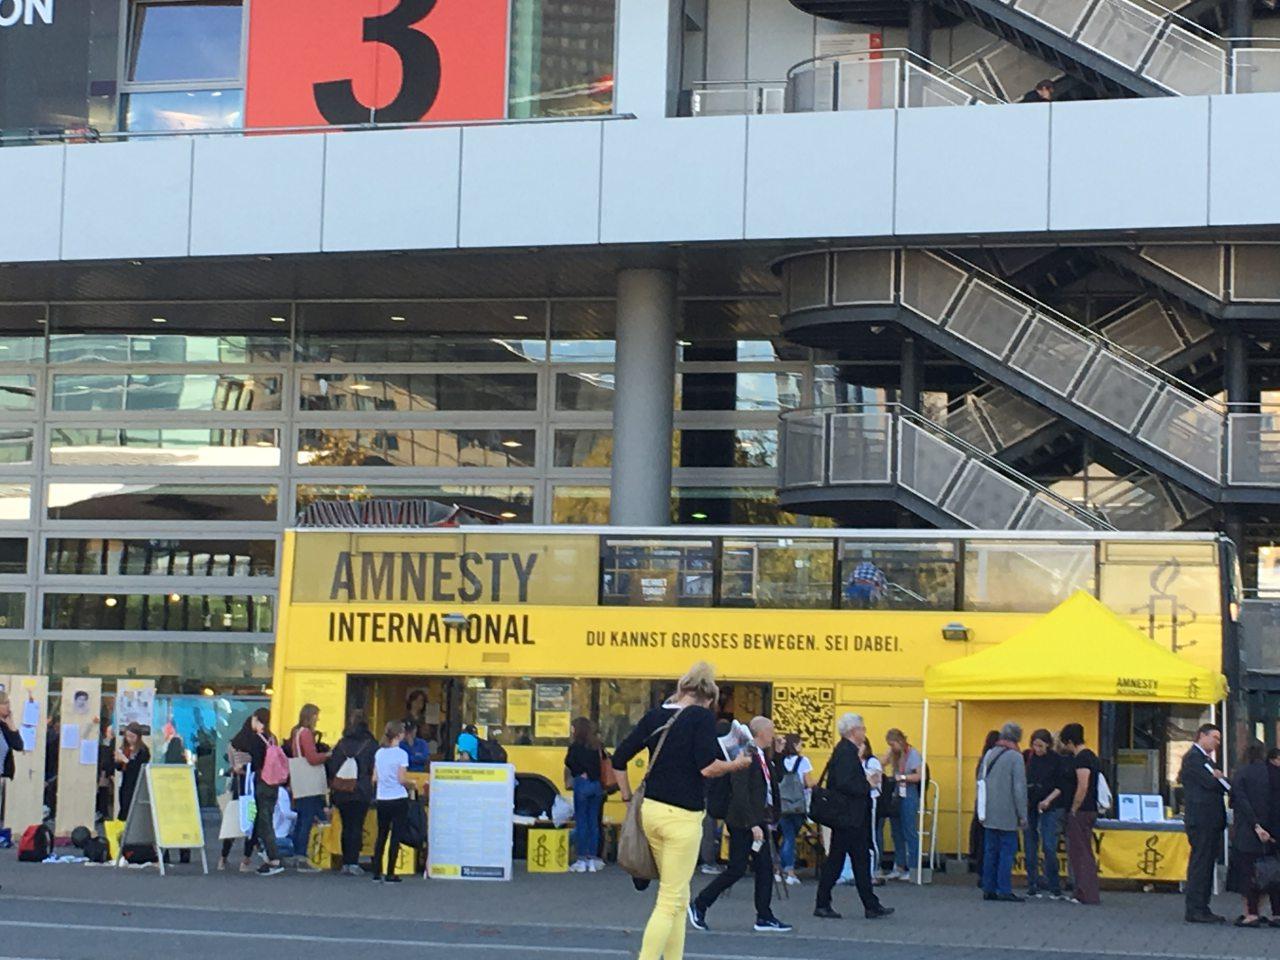 북페어 광장에 설치된 엠네스티 인터네셔널 버스 부스. 사람들은 이곳에서 인권과 관련한 퀴즈 게임을 하고, 조형물을 만드는 데 참여하기도 한다. ⓒ이은서